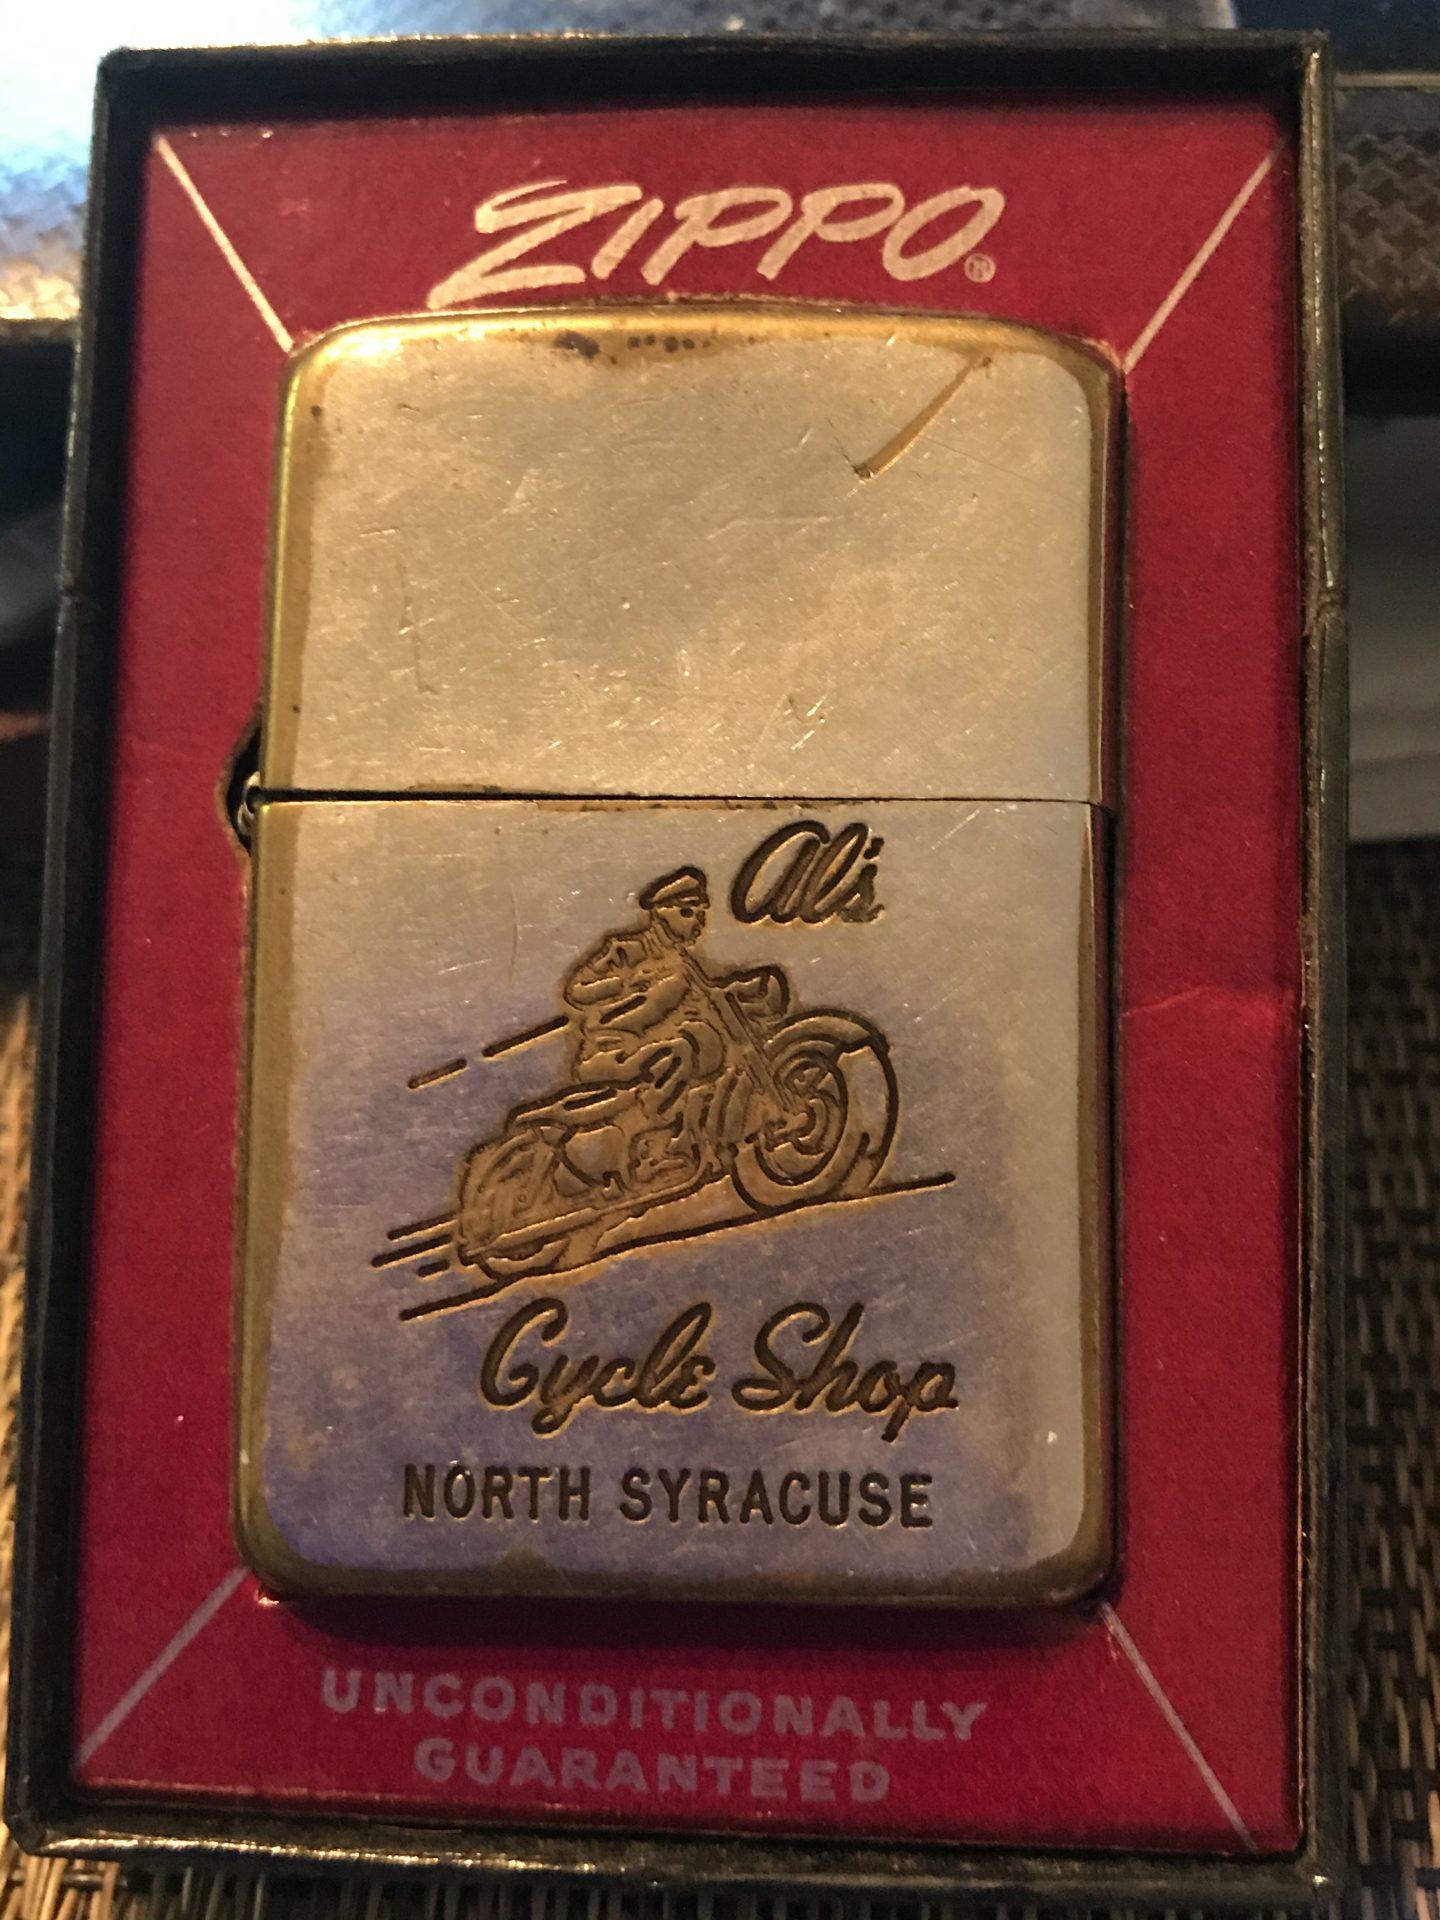 Al's Cycle Shop lighter . Danny's Dads lighter my Aunt Billie Gave me